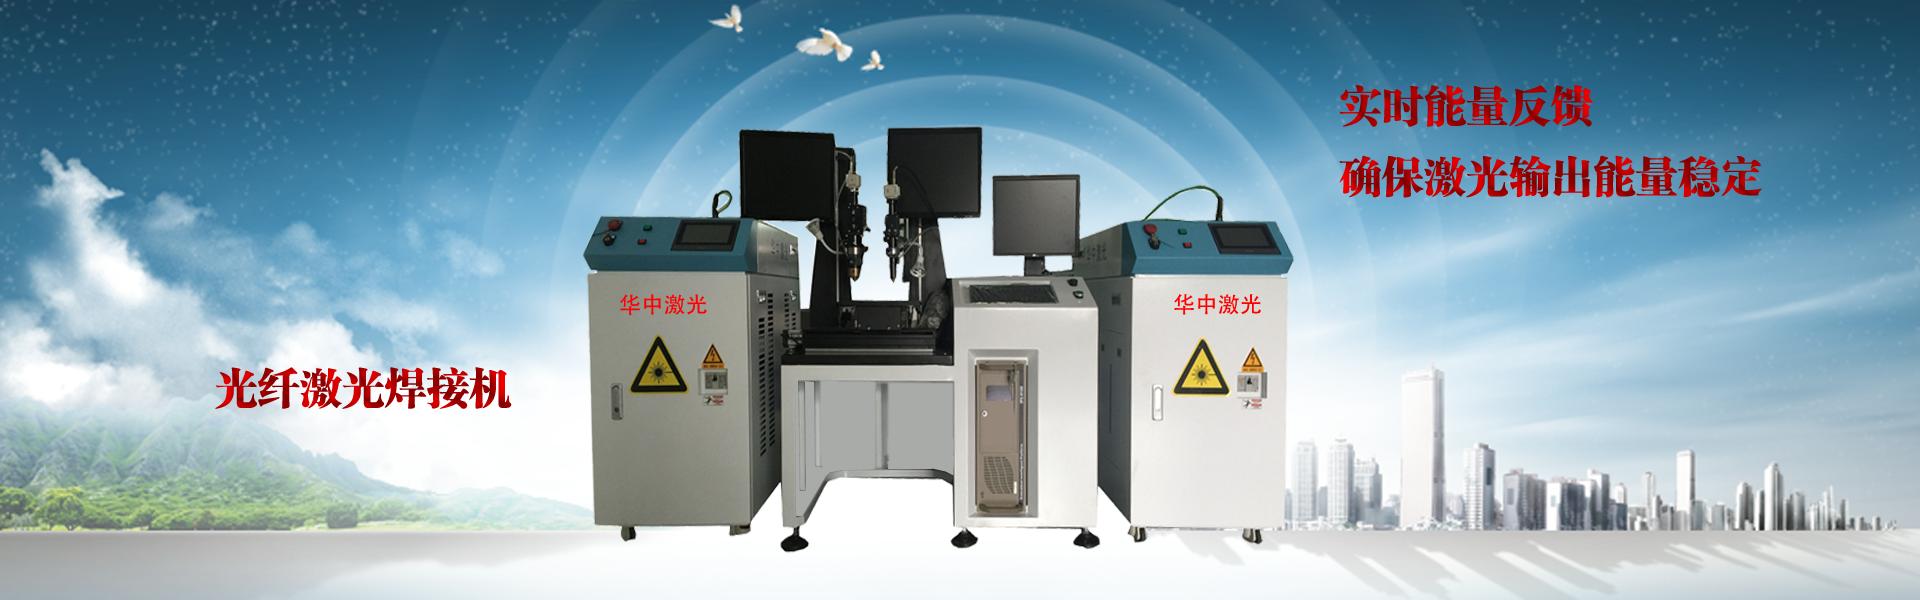 武汉华中激光产业有限公司光纤激光焊接机